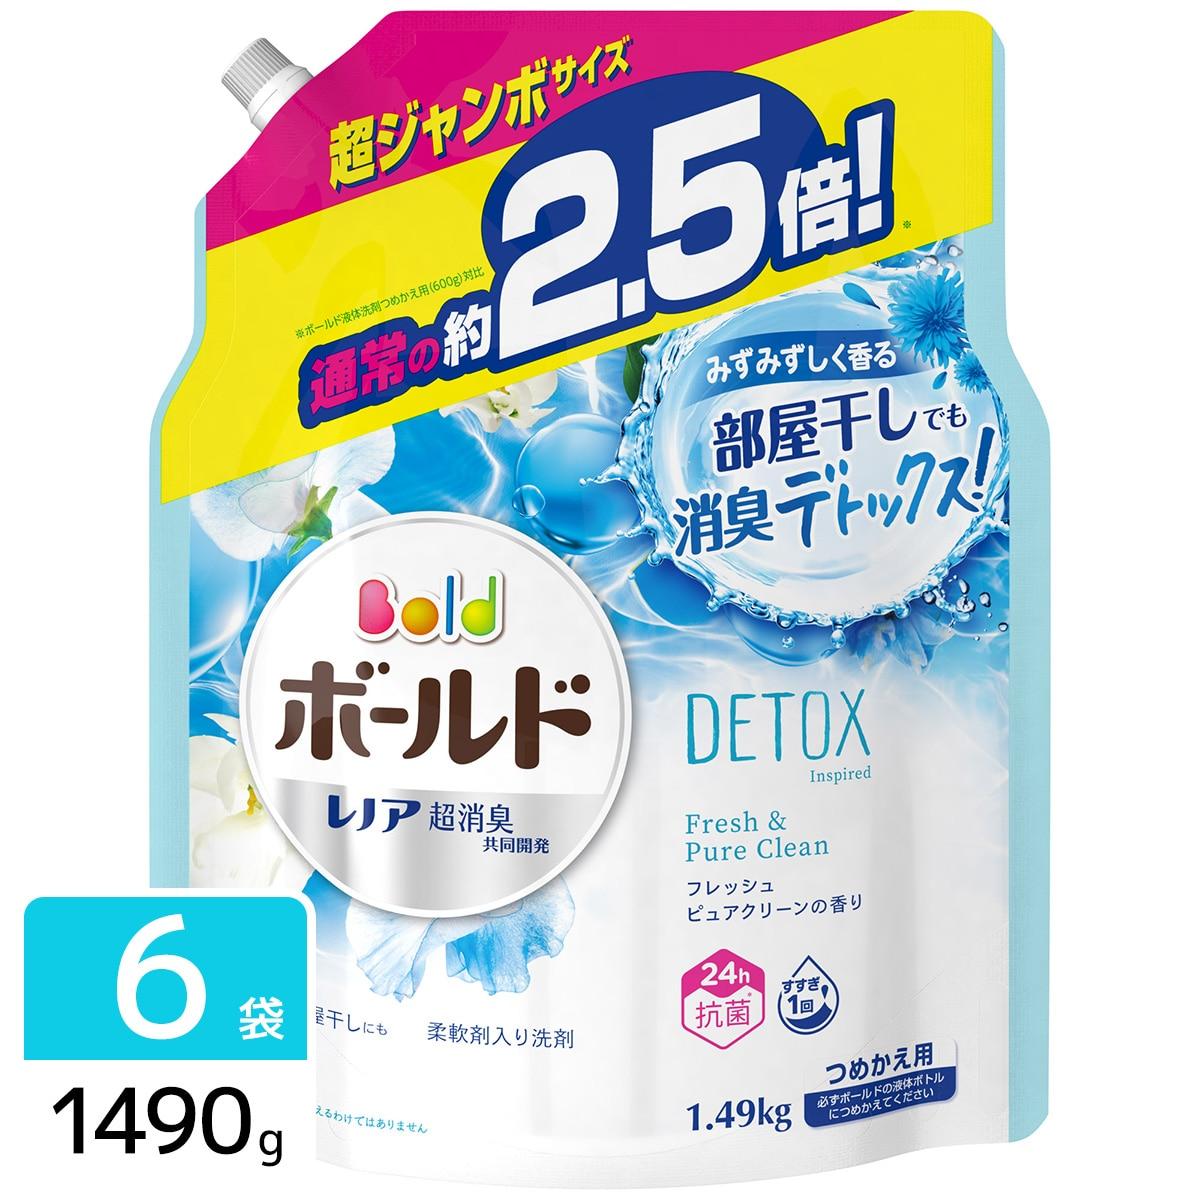 P&G ボールド 洗濯洗剤 液体 洗濯水をデトックス フレッシュピュアクリーン 詰め替え 約2.5倍(1490g)×6袋